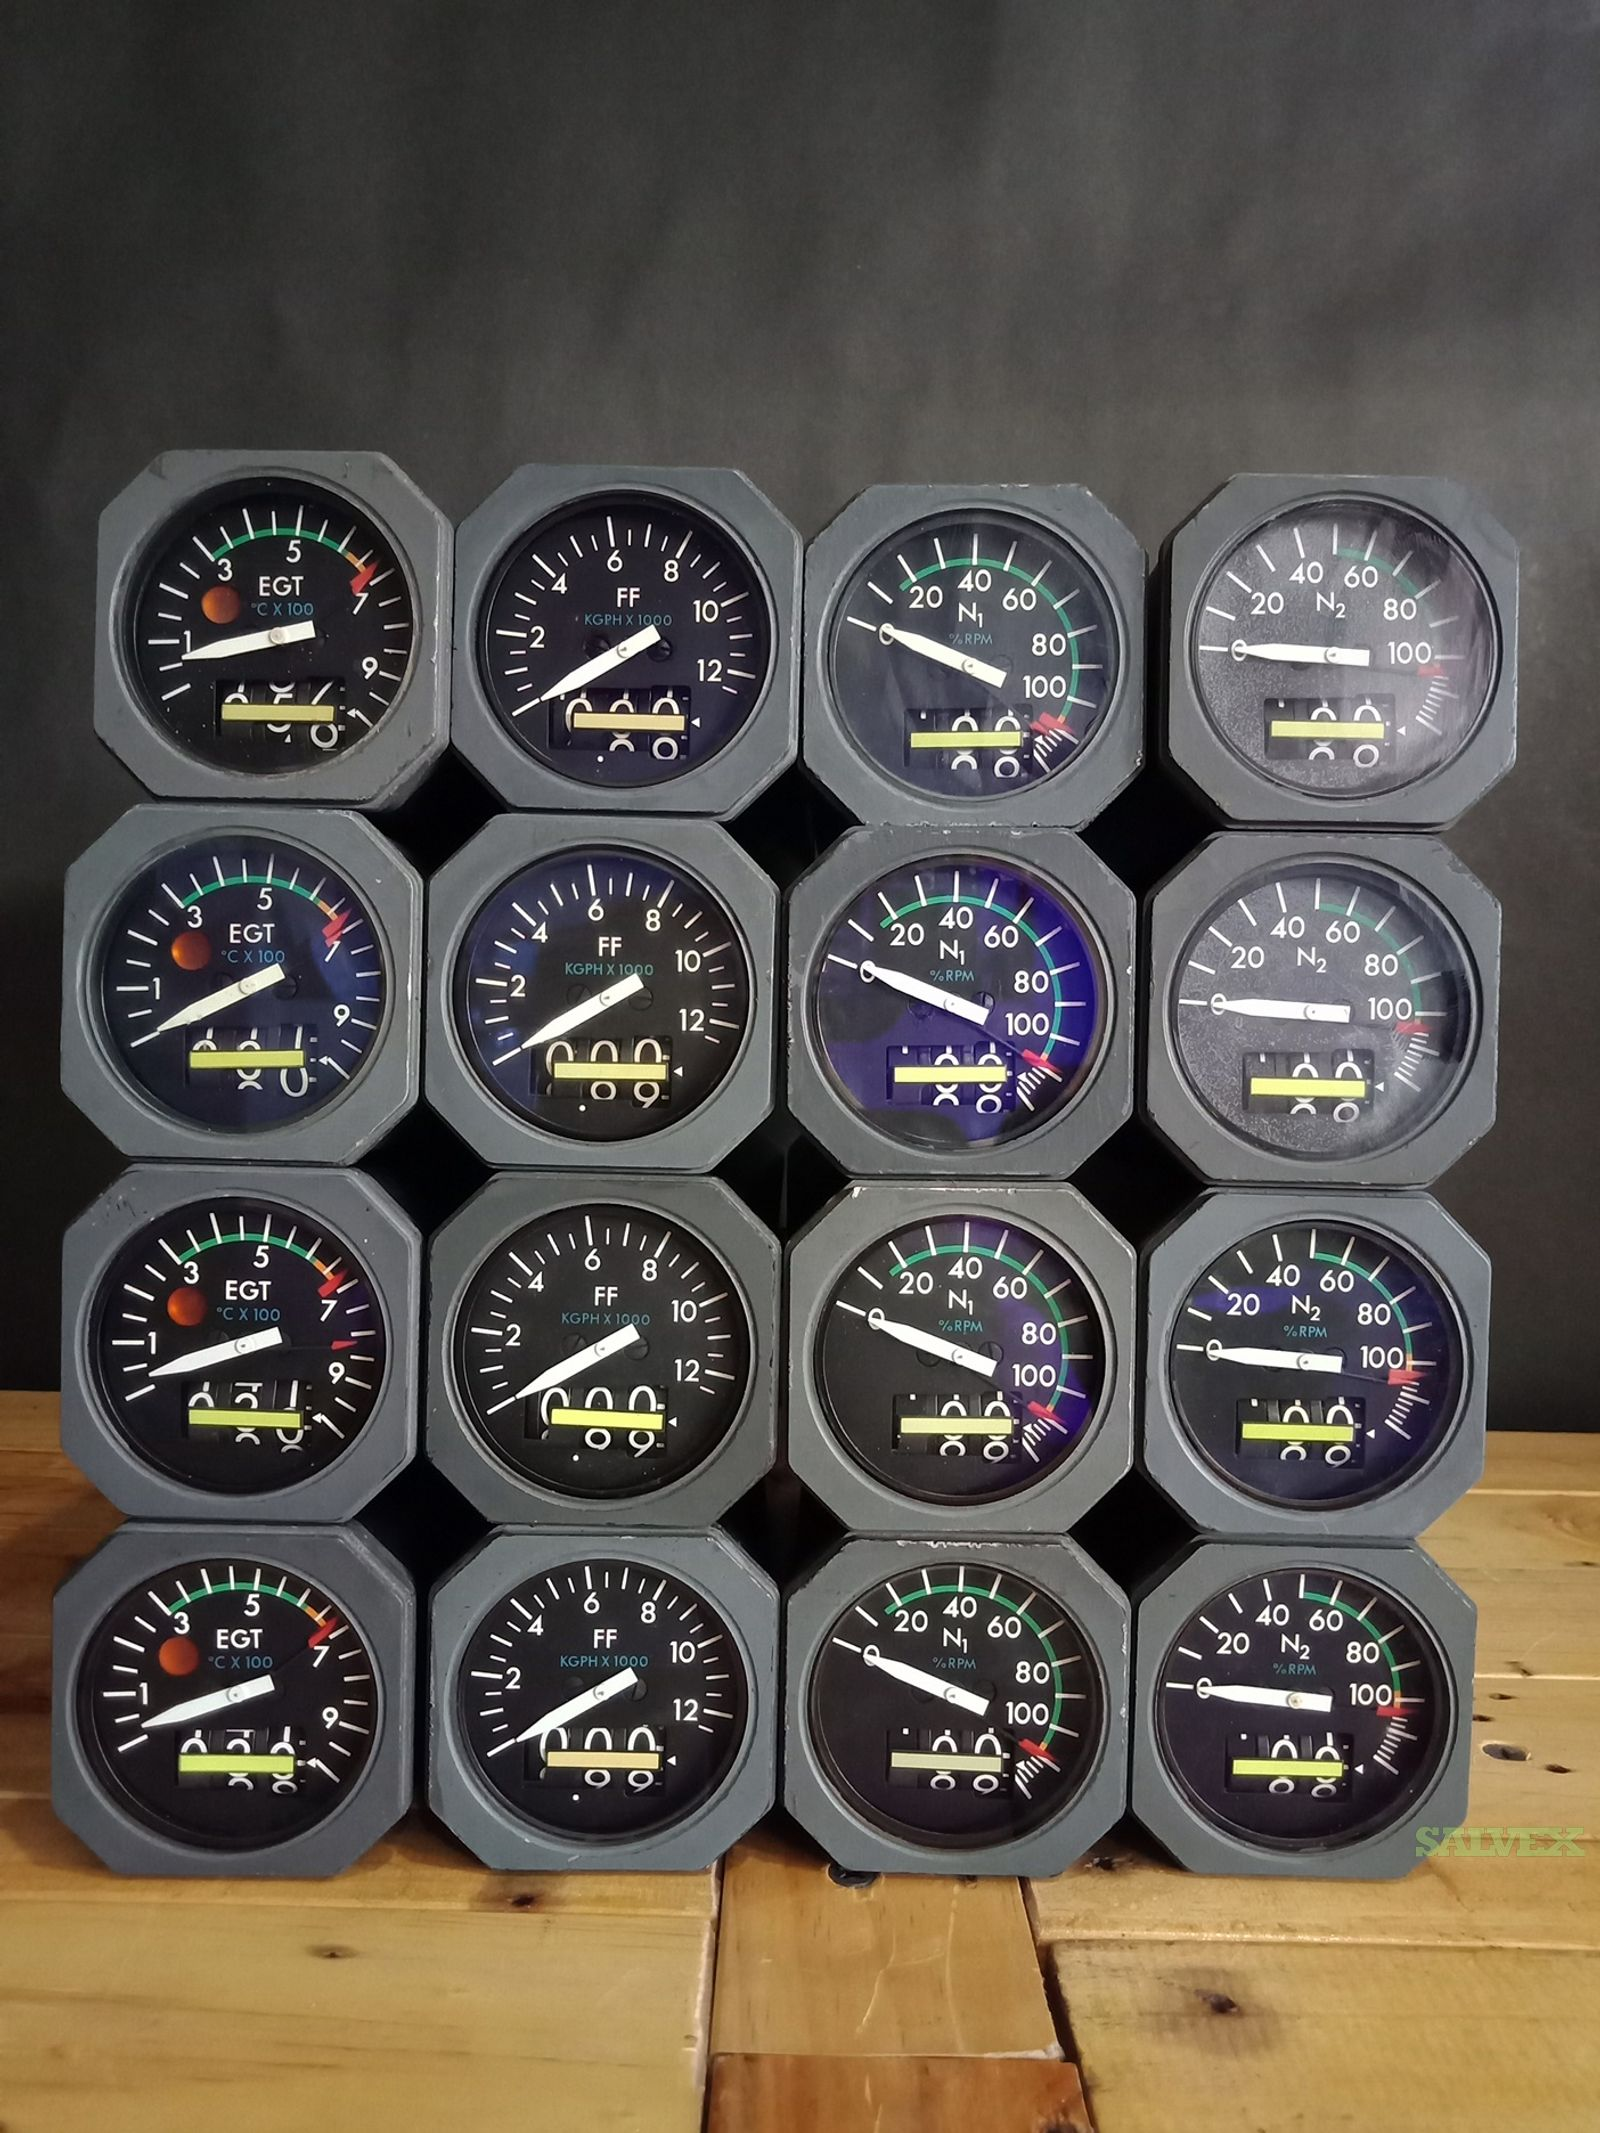 B747 Engine Indicators (16 units)